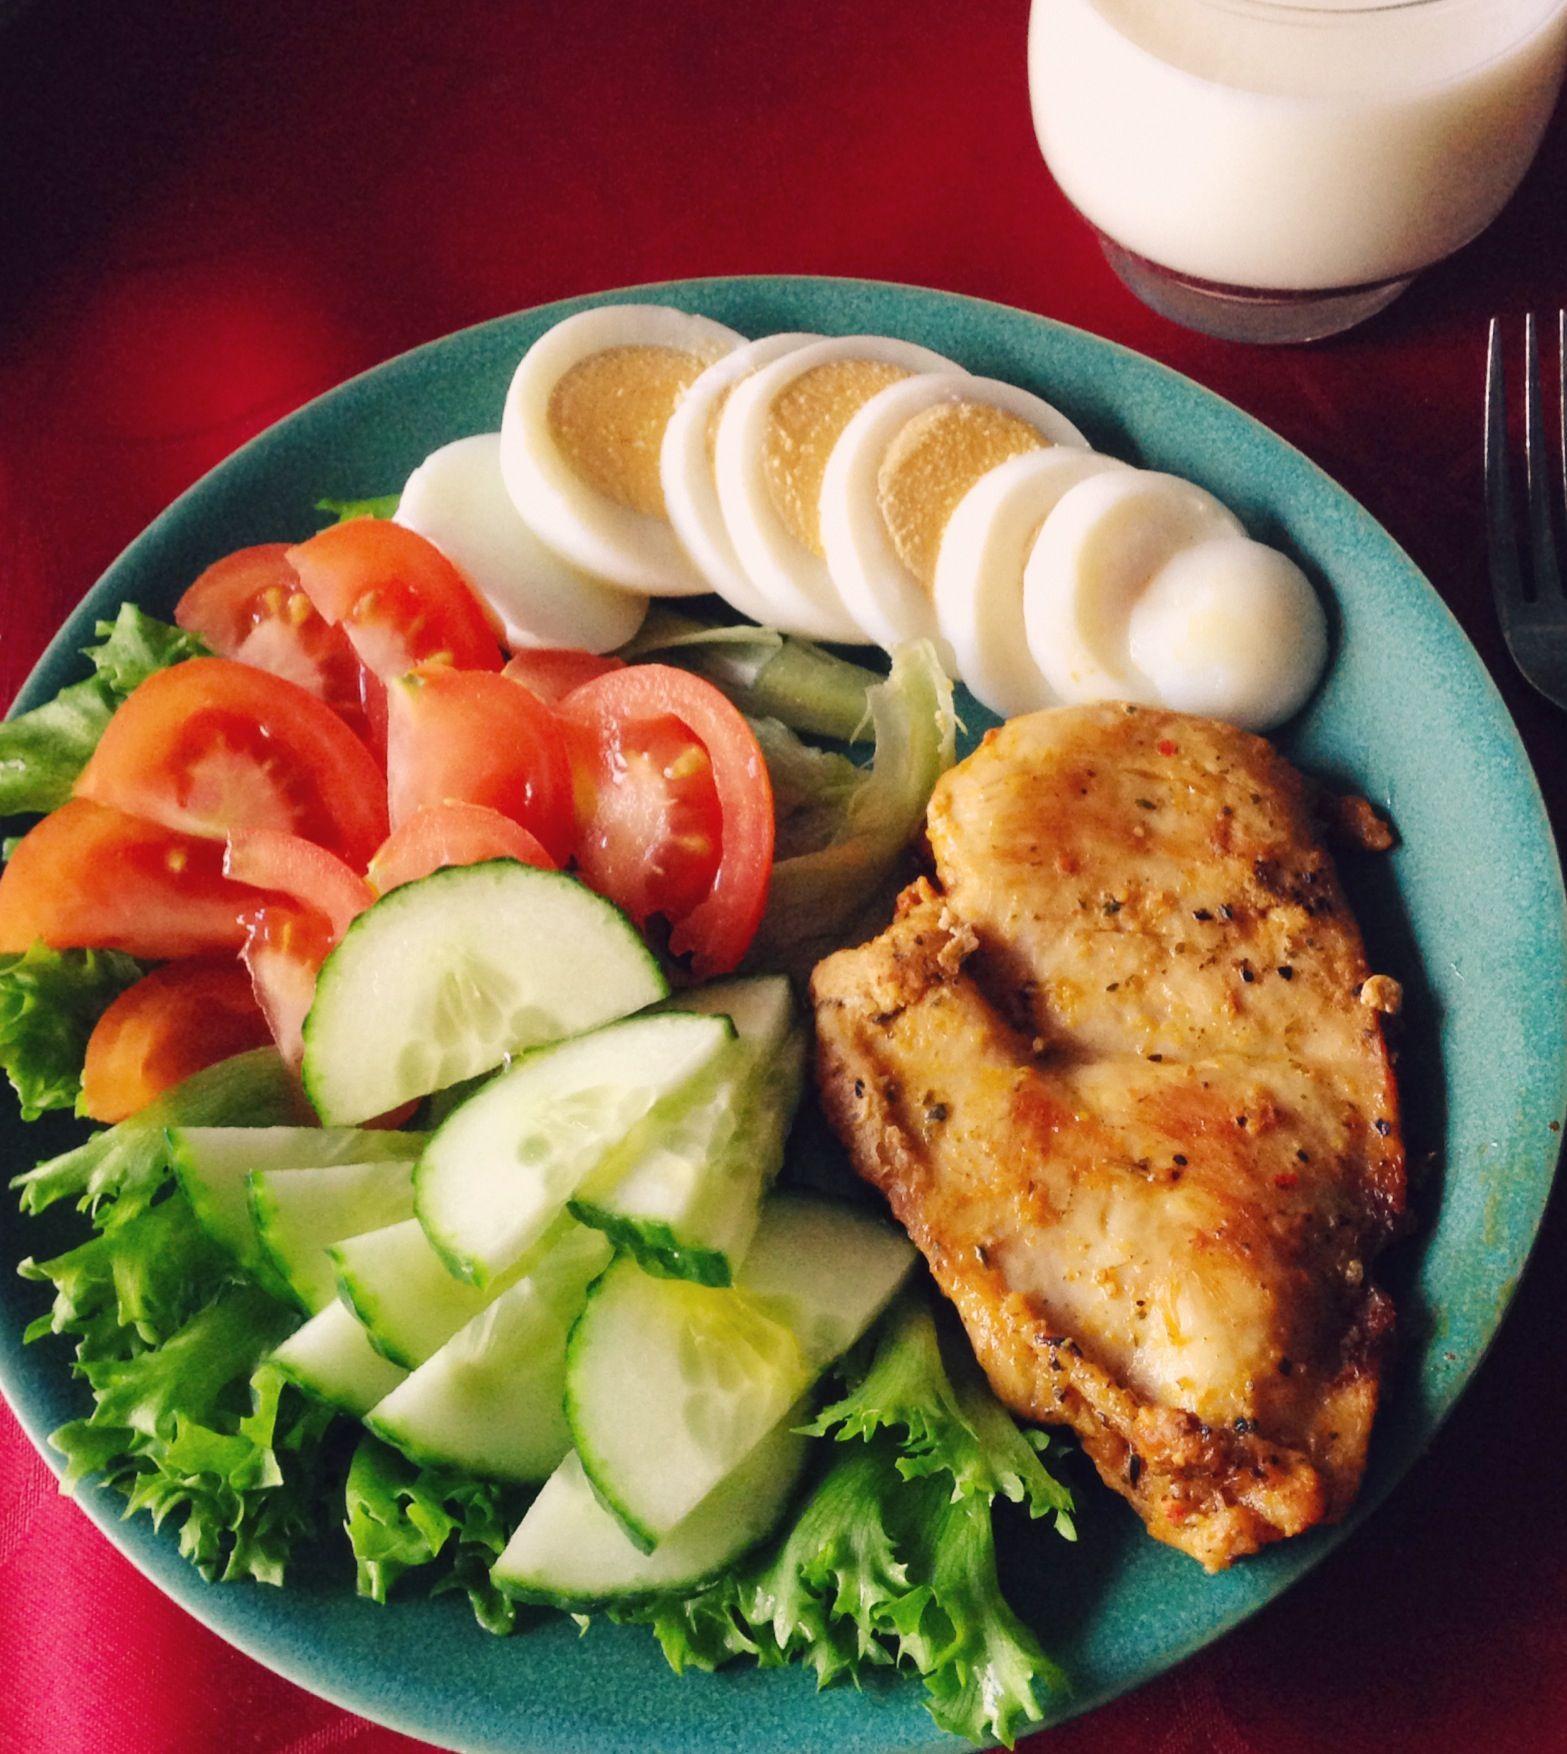 Healthy Dinner Ida Comida Saludable Ensaladas Y Comida Saludable Ensaladas Comida Saludable Comida